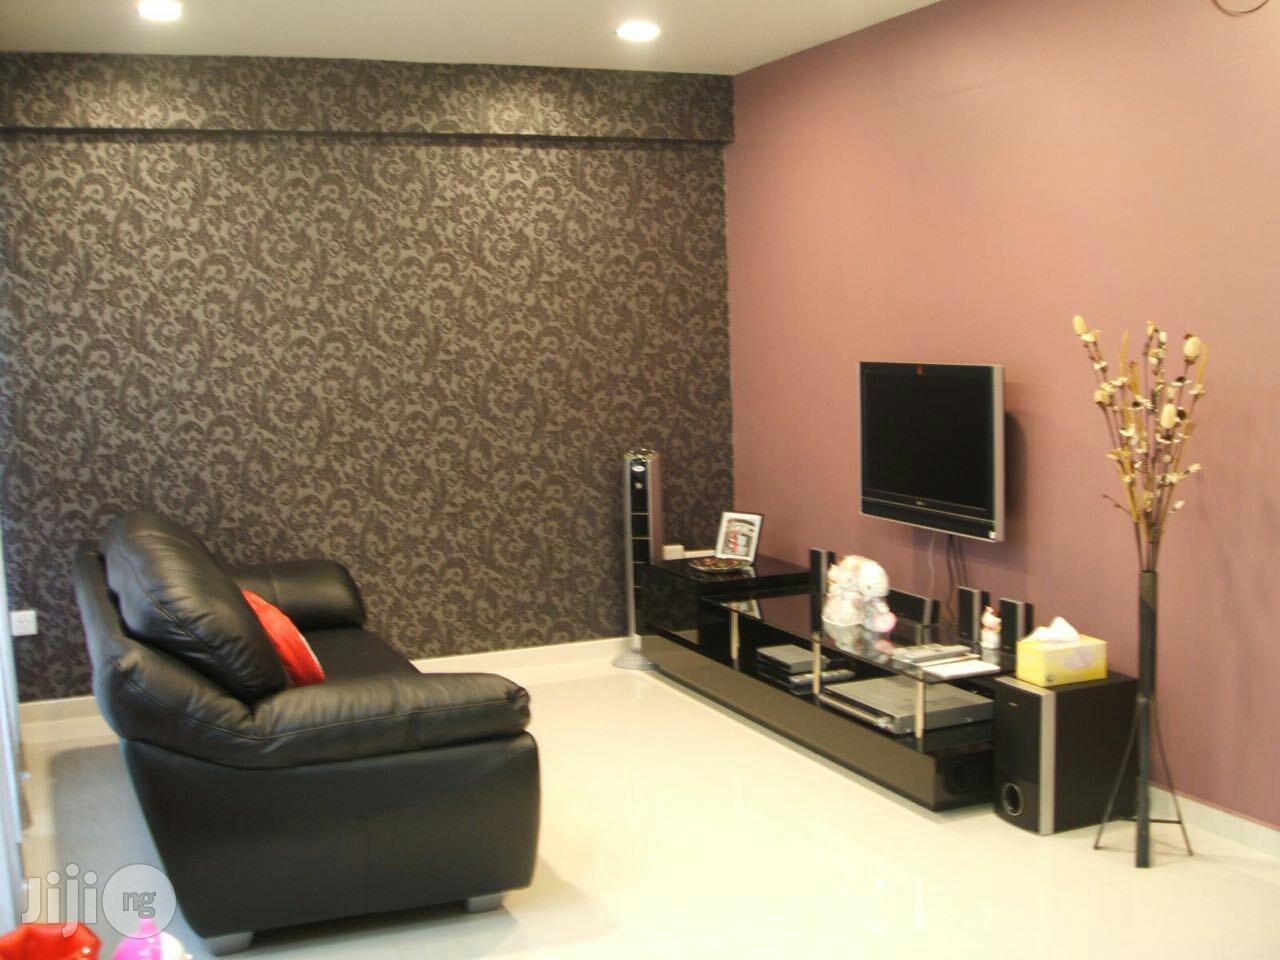 Wallpaper And Interior Design